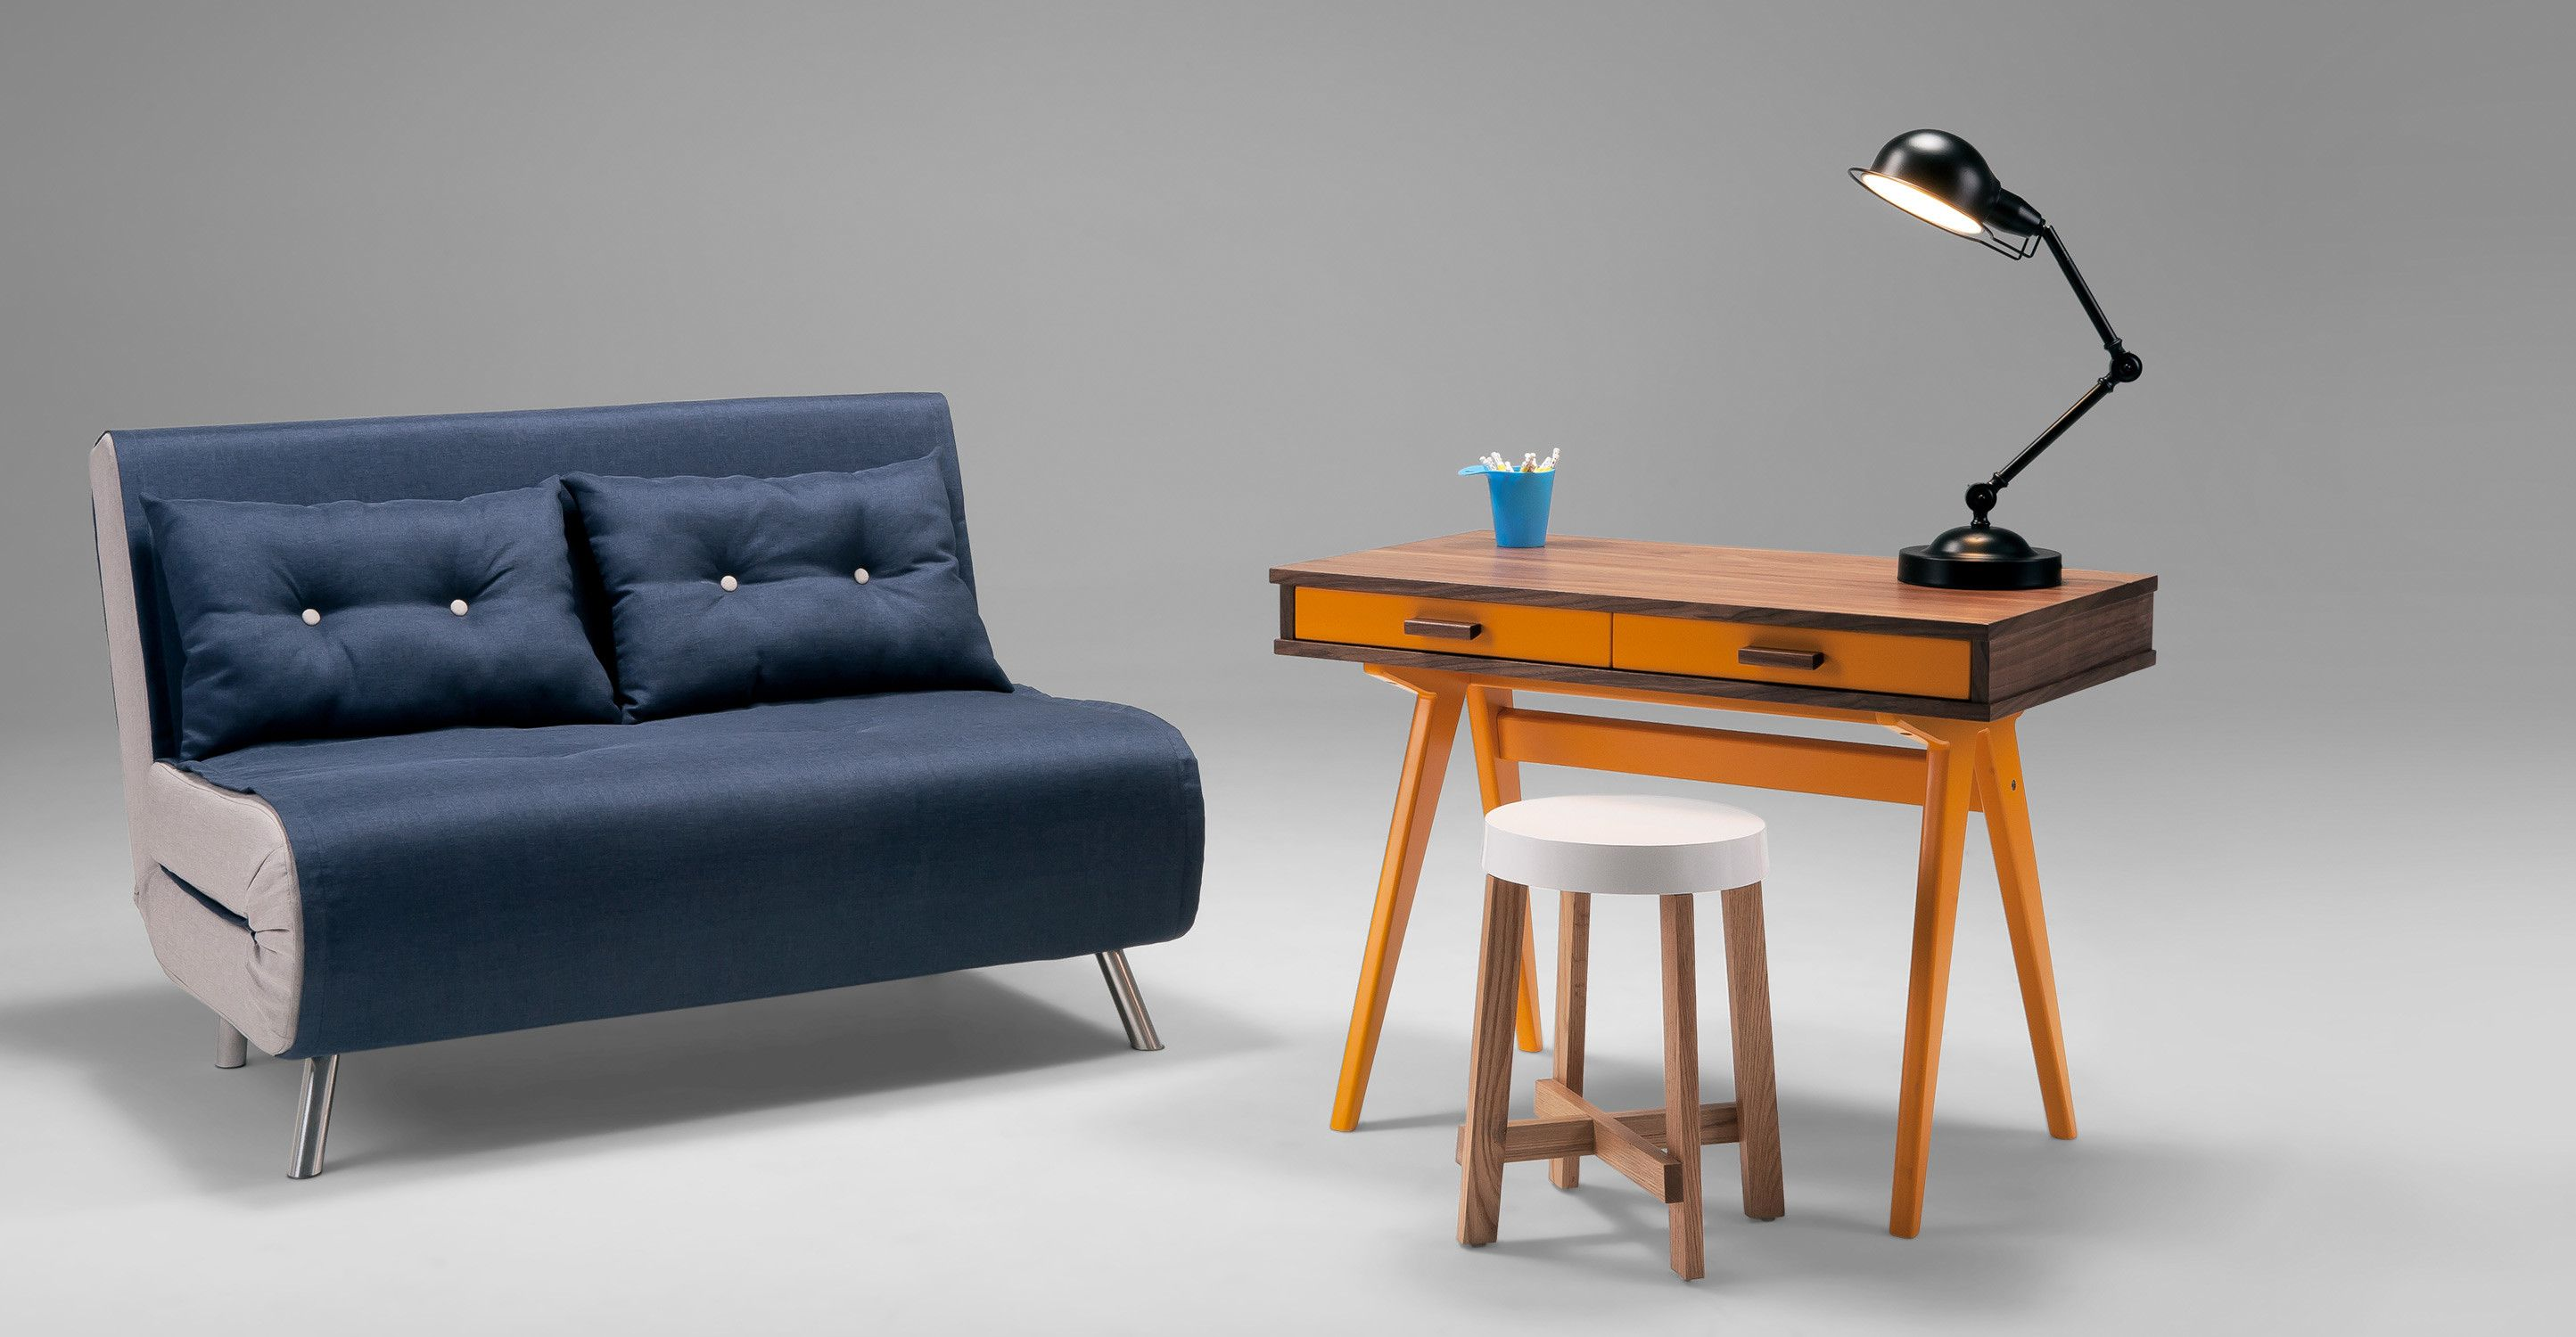 Inspirational Petit Canapé Convertible Design